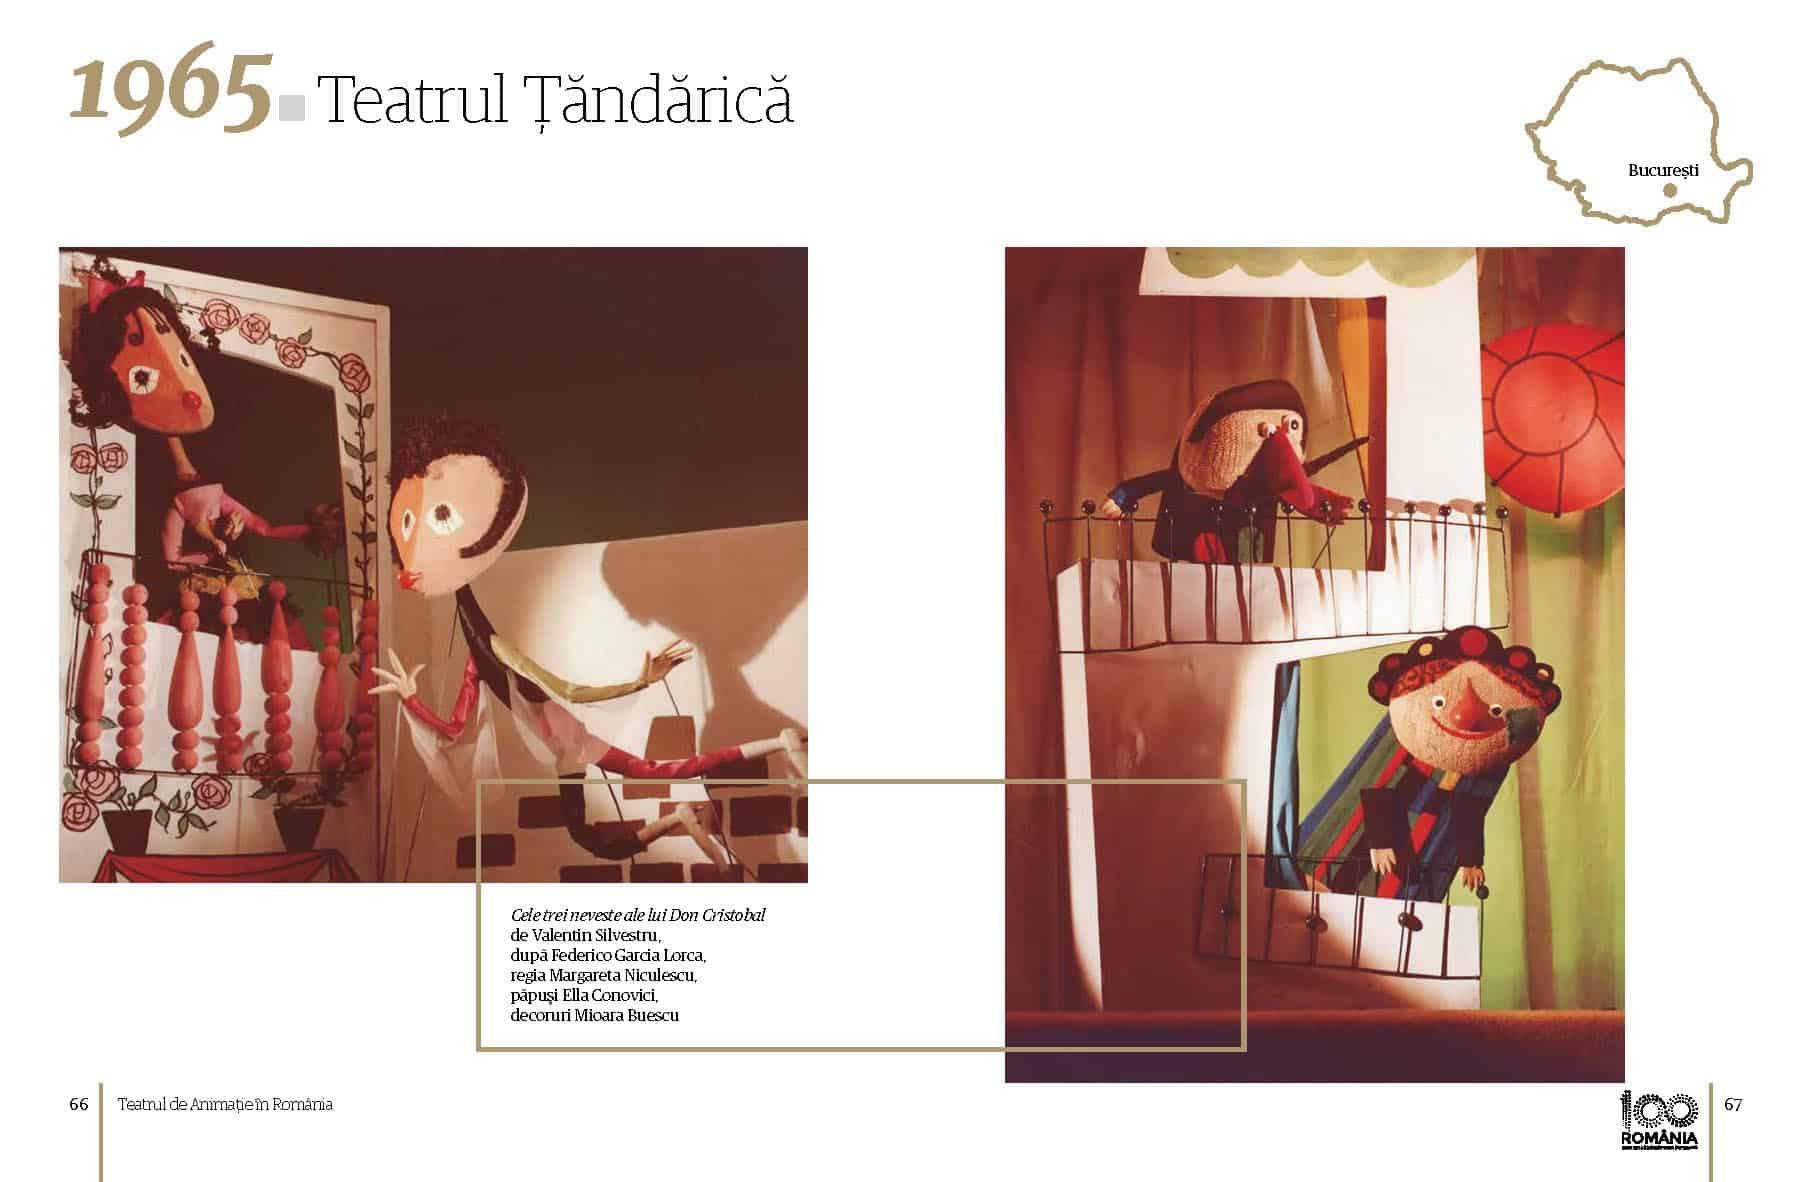 Album Teatrul de Animatie in Romania final preview fata in fata Page 34